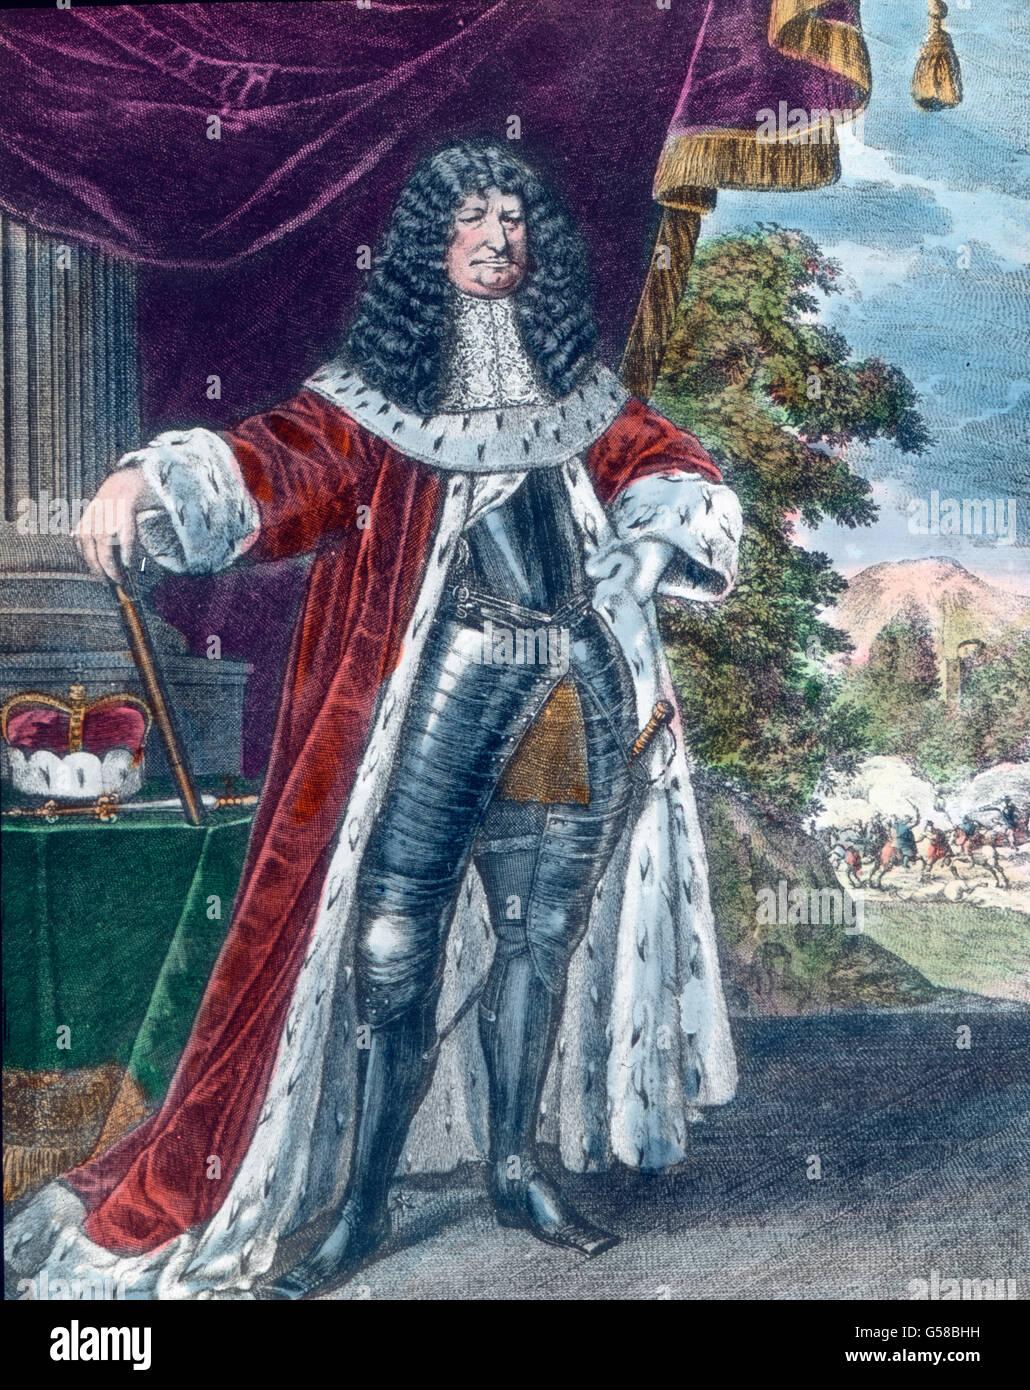 Kurfürst Friedrich Wilhelm Germany, Prussia, monarchy, king, royalty